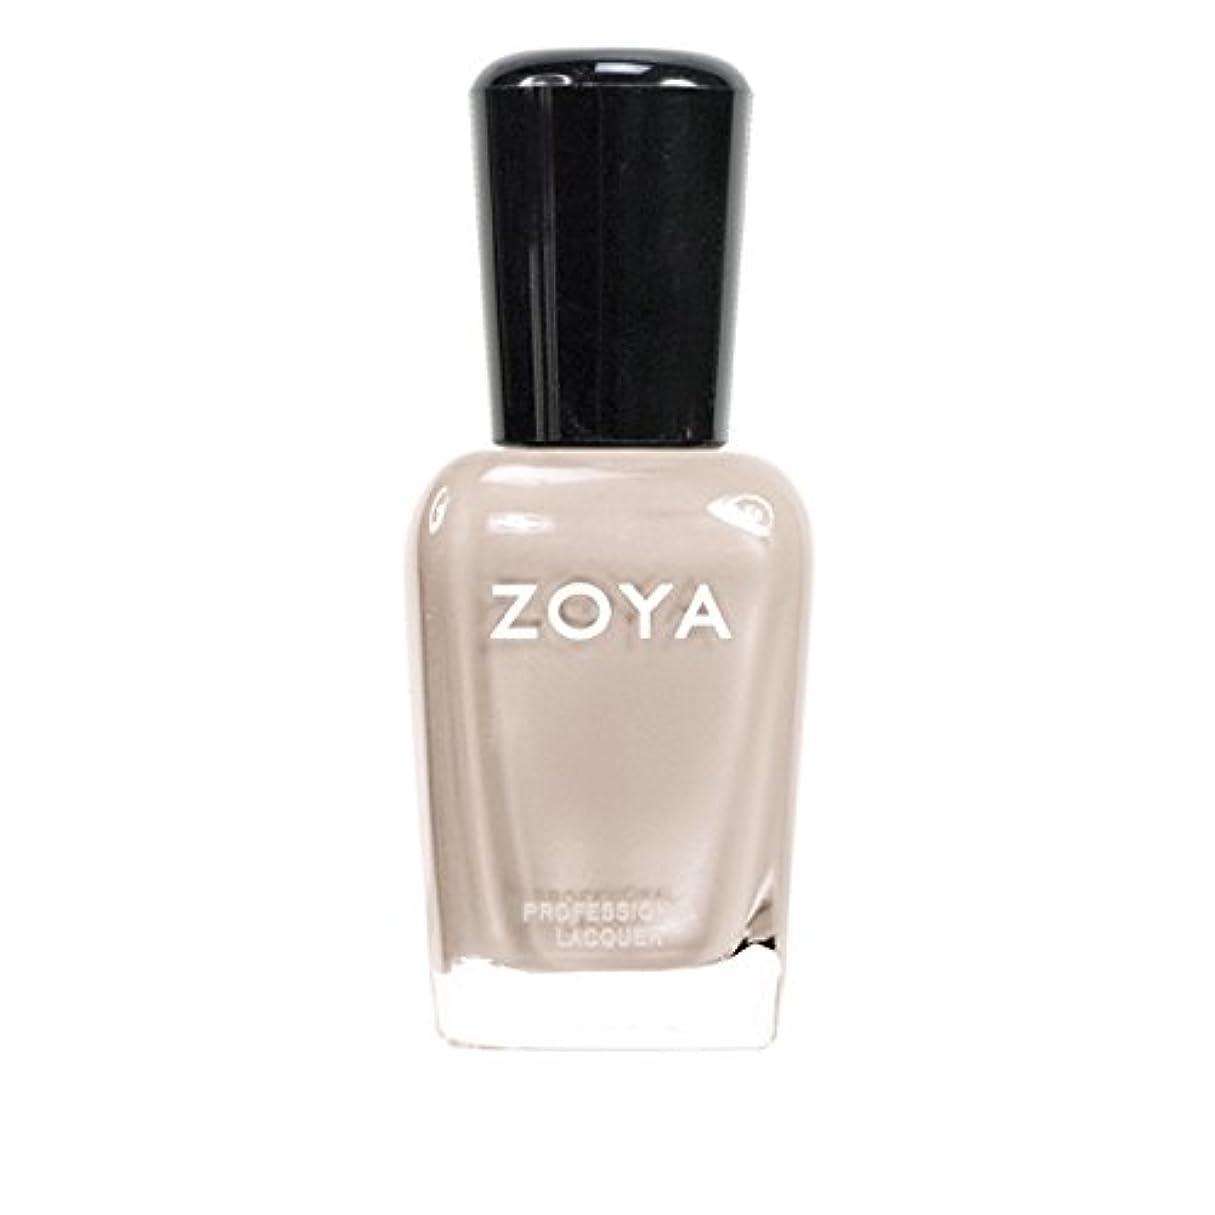 ZOYA ゾーヤ ネイルカラーZP561 MINKA ミンカ 15ml 乳白色のヌードベージュ マット 爪にやさしいネイルラッカーマニキュア